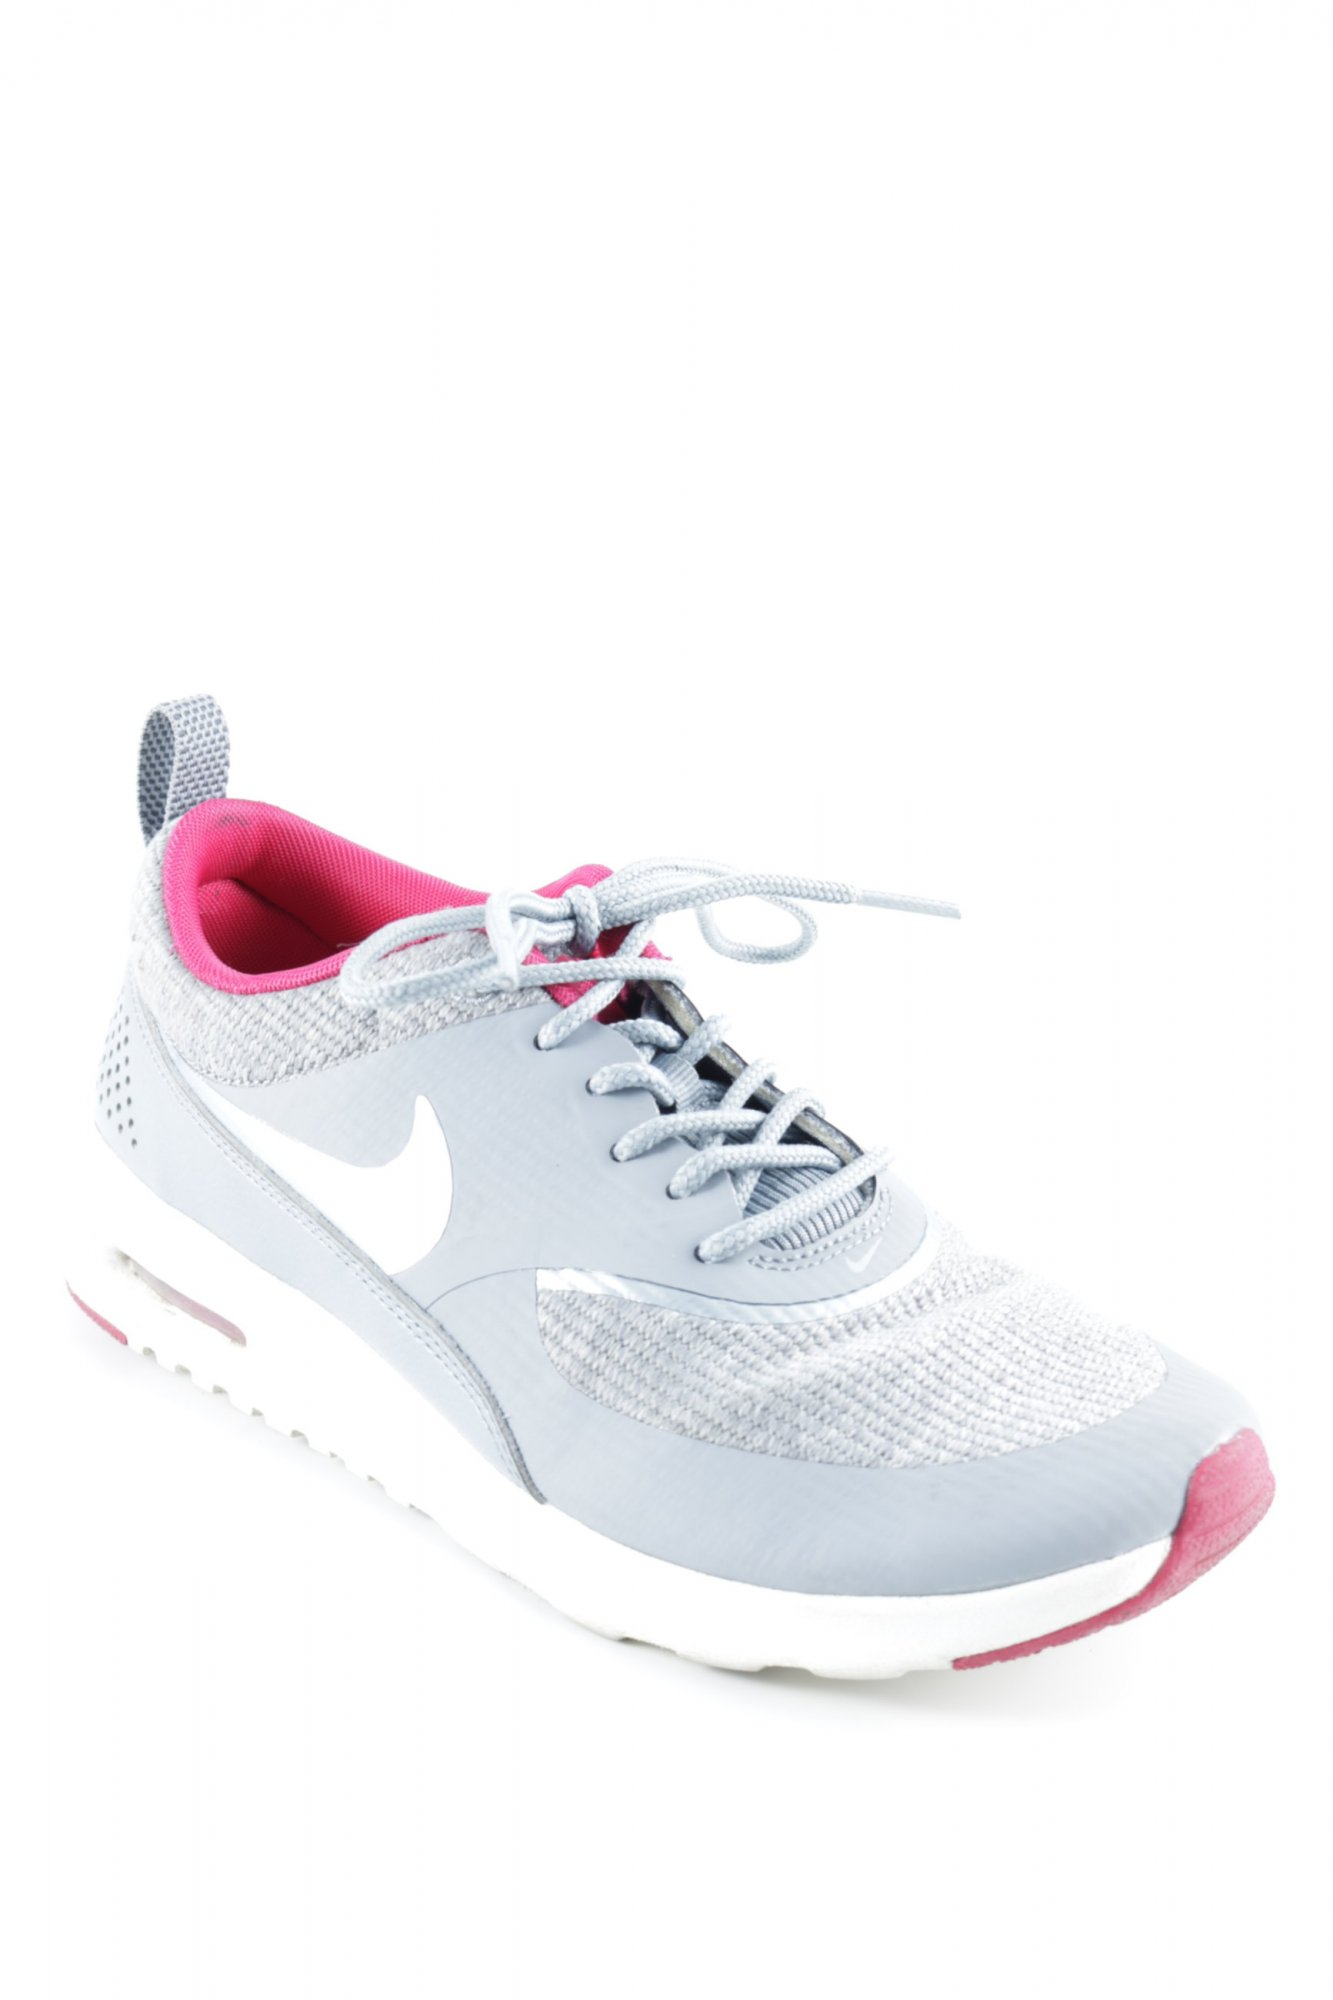 magenta Femmes Style De 37 Sneaker Ups Gr Multicolore Lace 5 Nike Sportif XqwPB